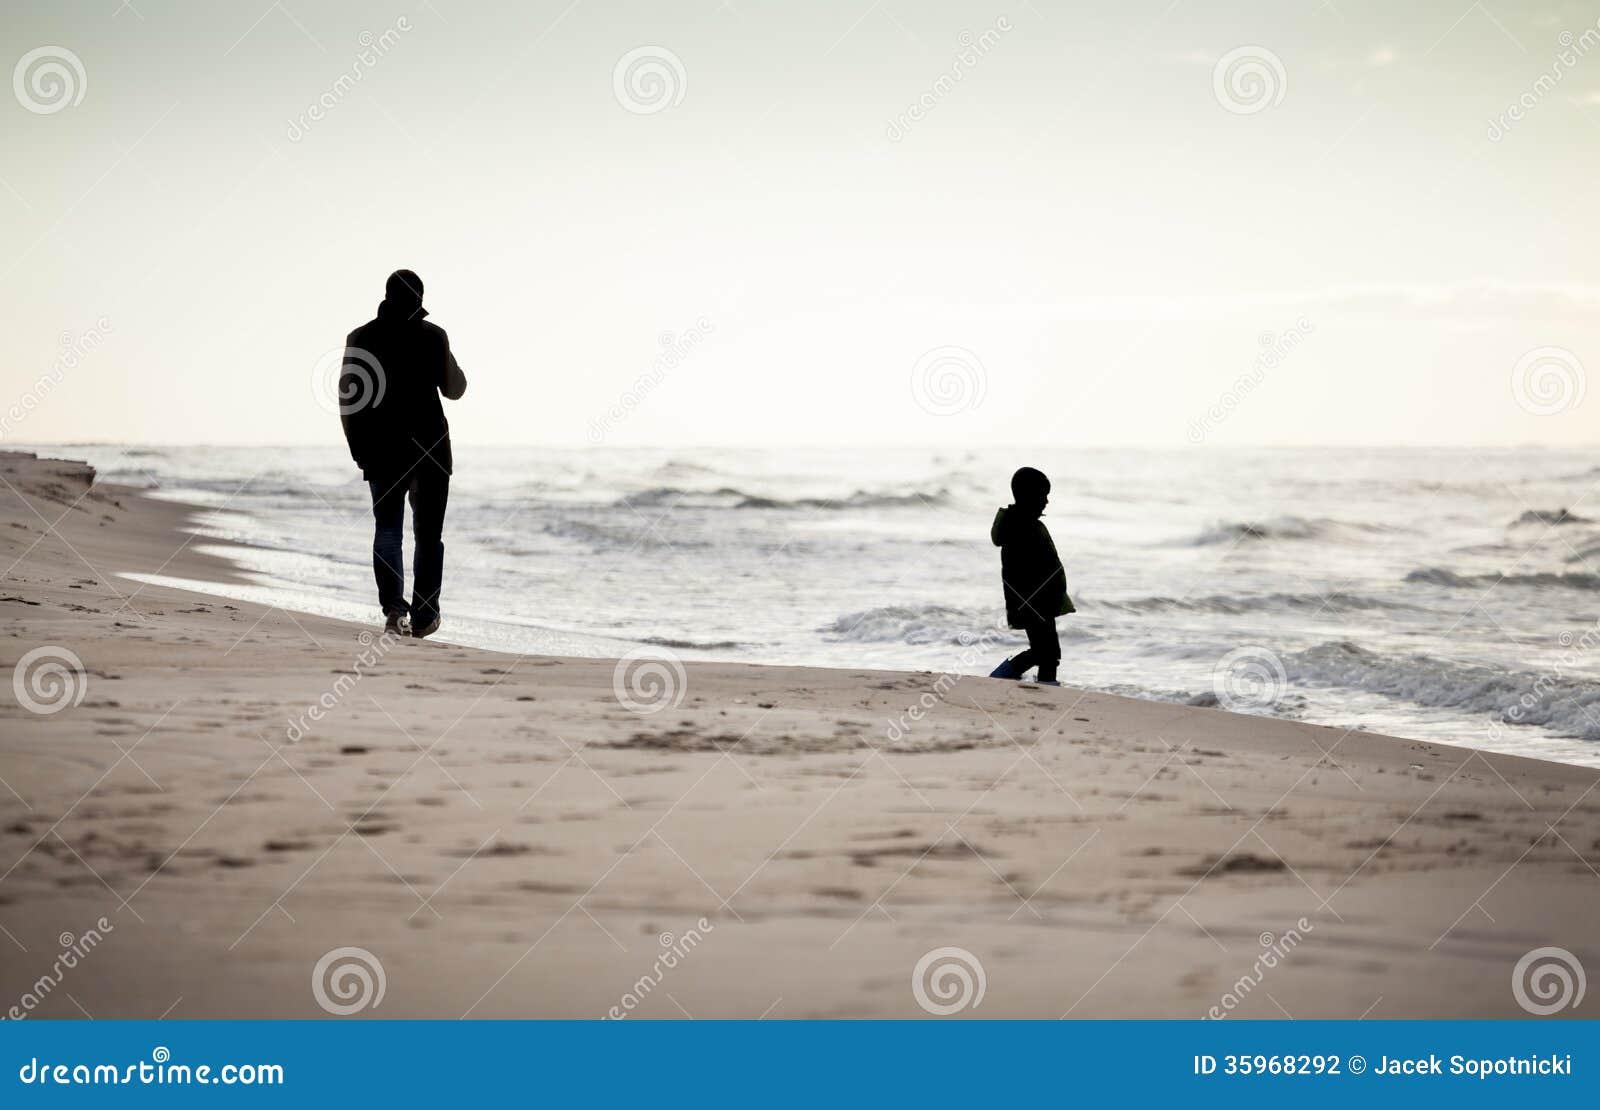 Paseo del otoño en una playa